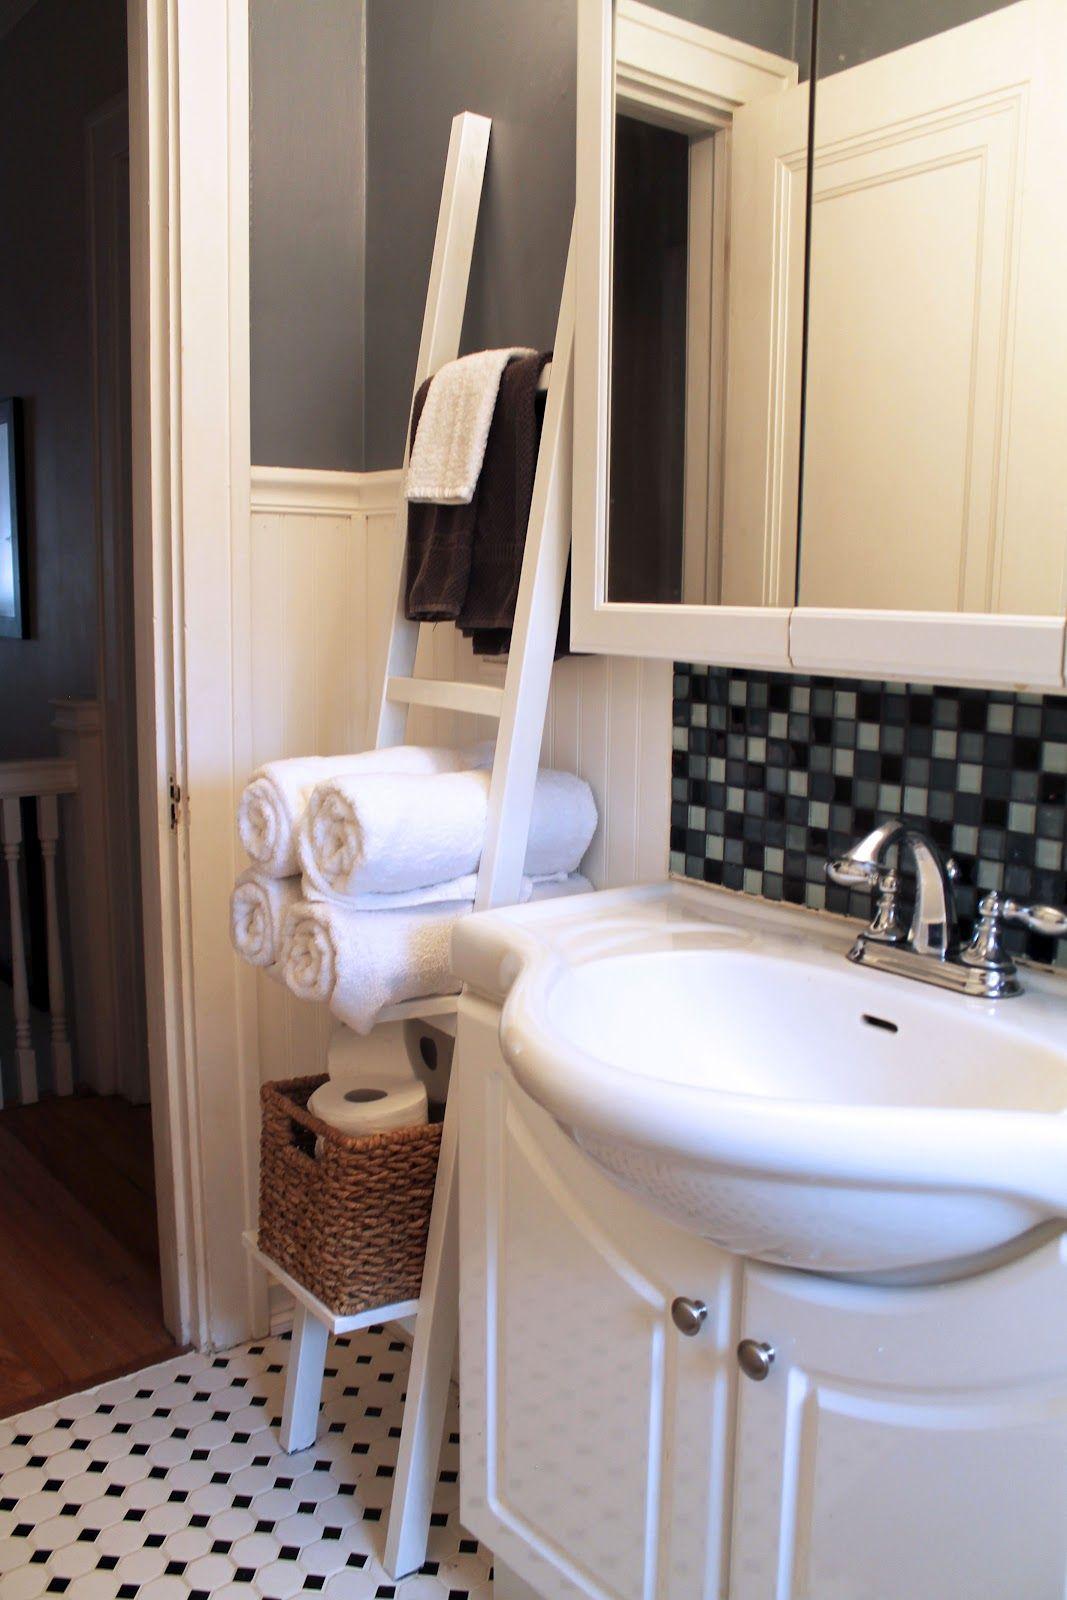 ikea ladder shelf made into a bathroom shelf diy solutions rh pinterest com